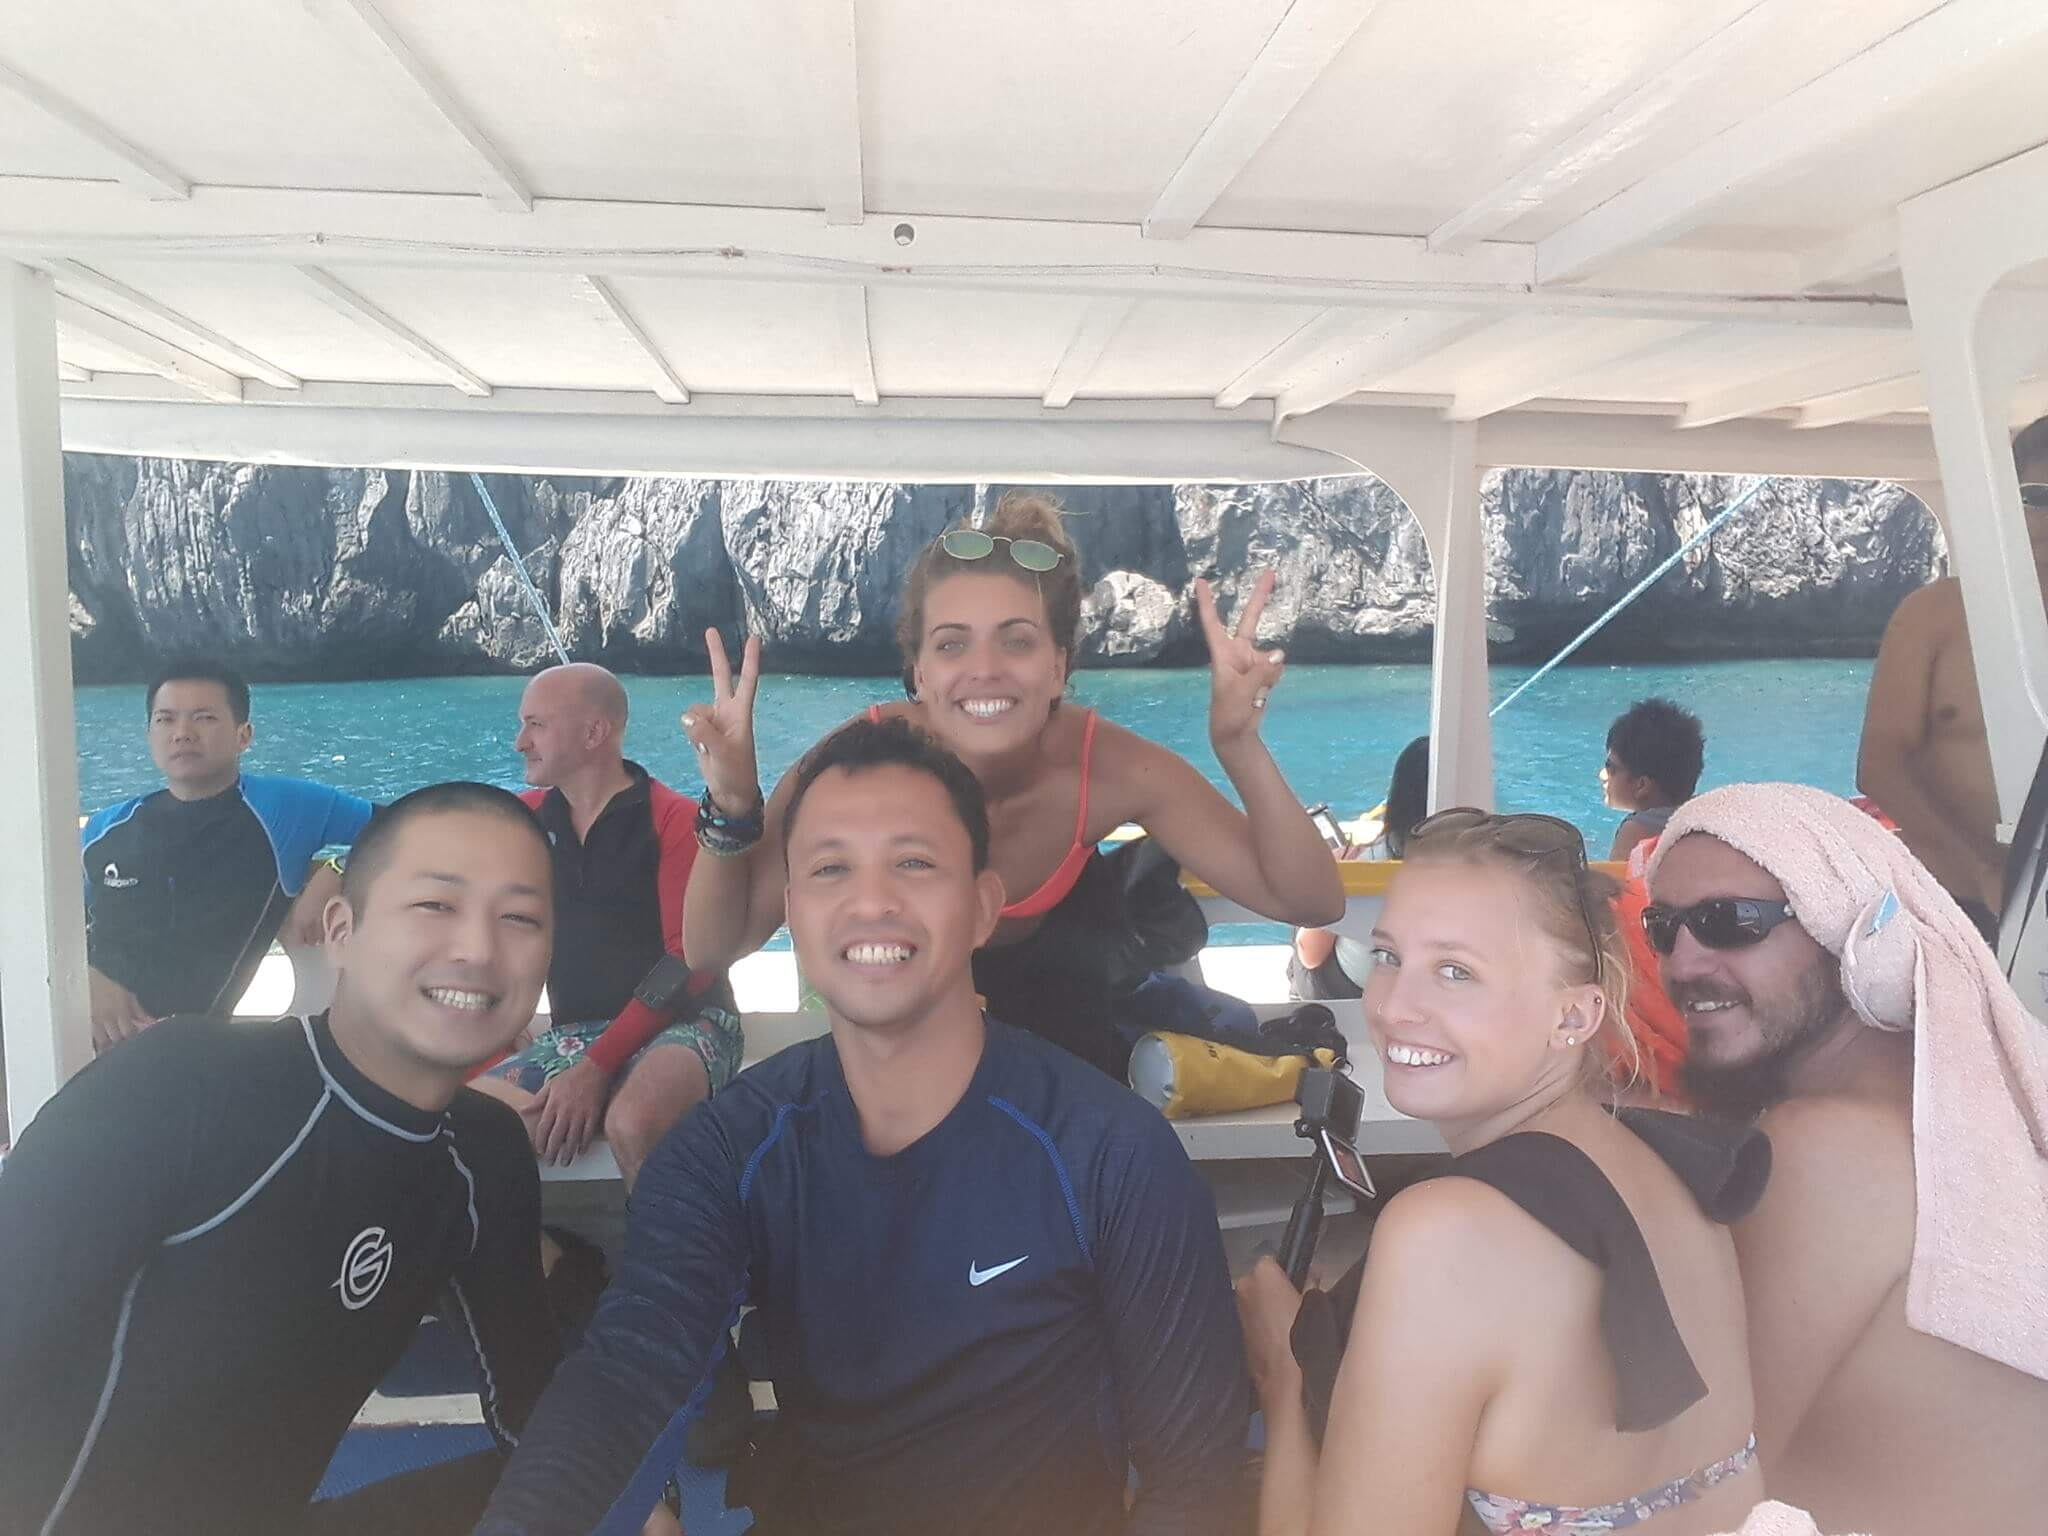 バンカーボートで撮影した友達との集合写真